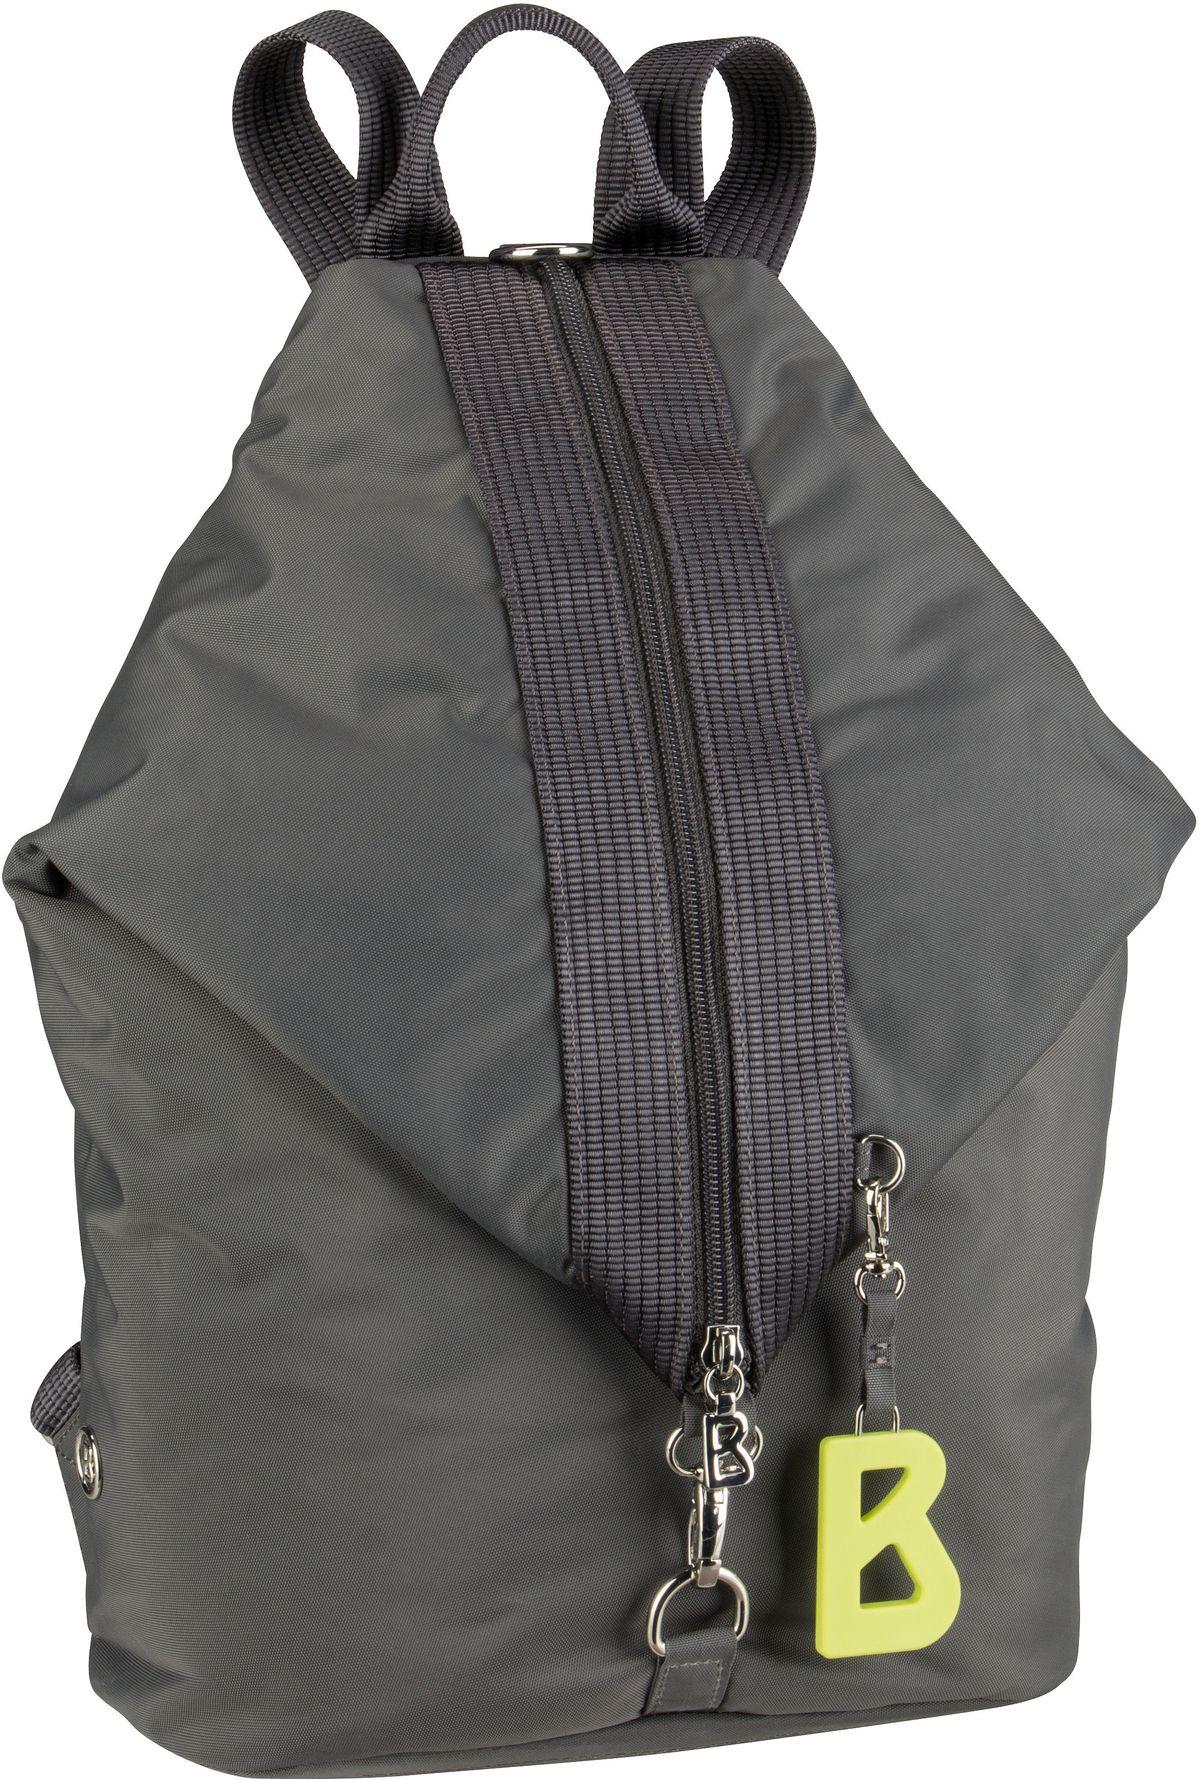 Rucksack / Daypack Verbier Debora Backpack LVZ Dark Grey